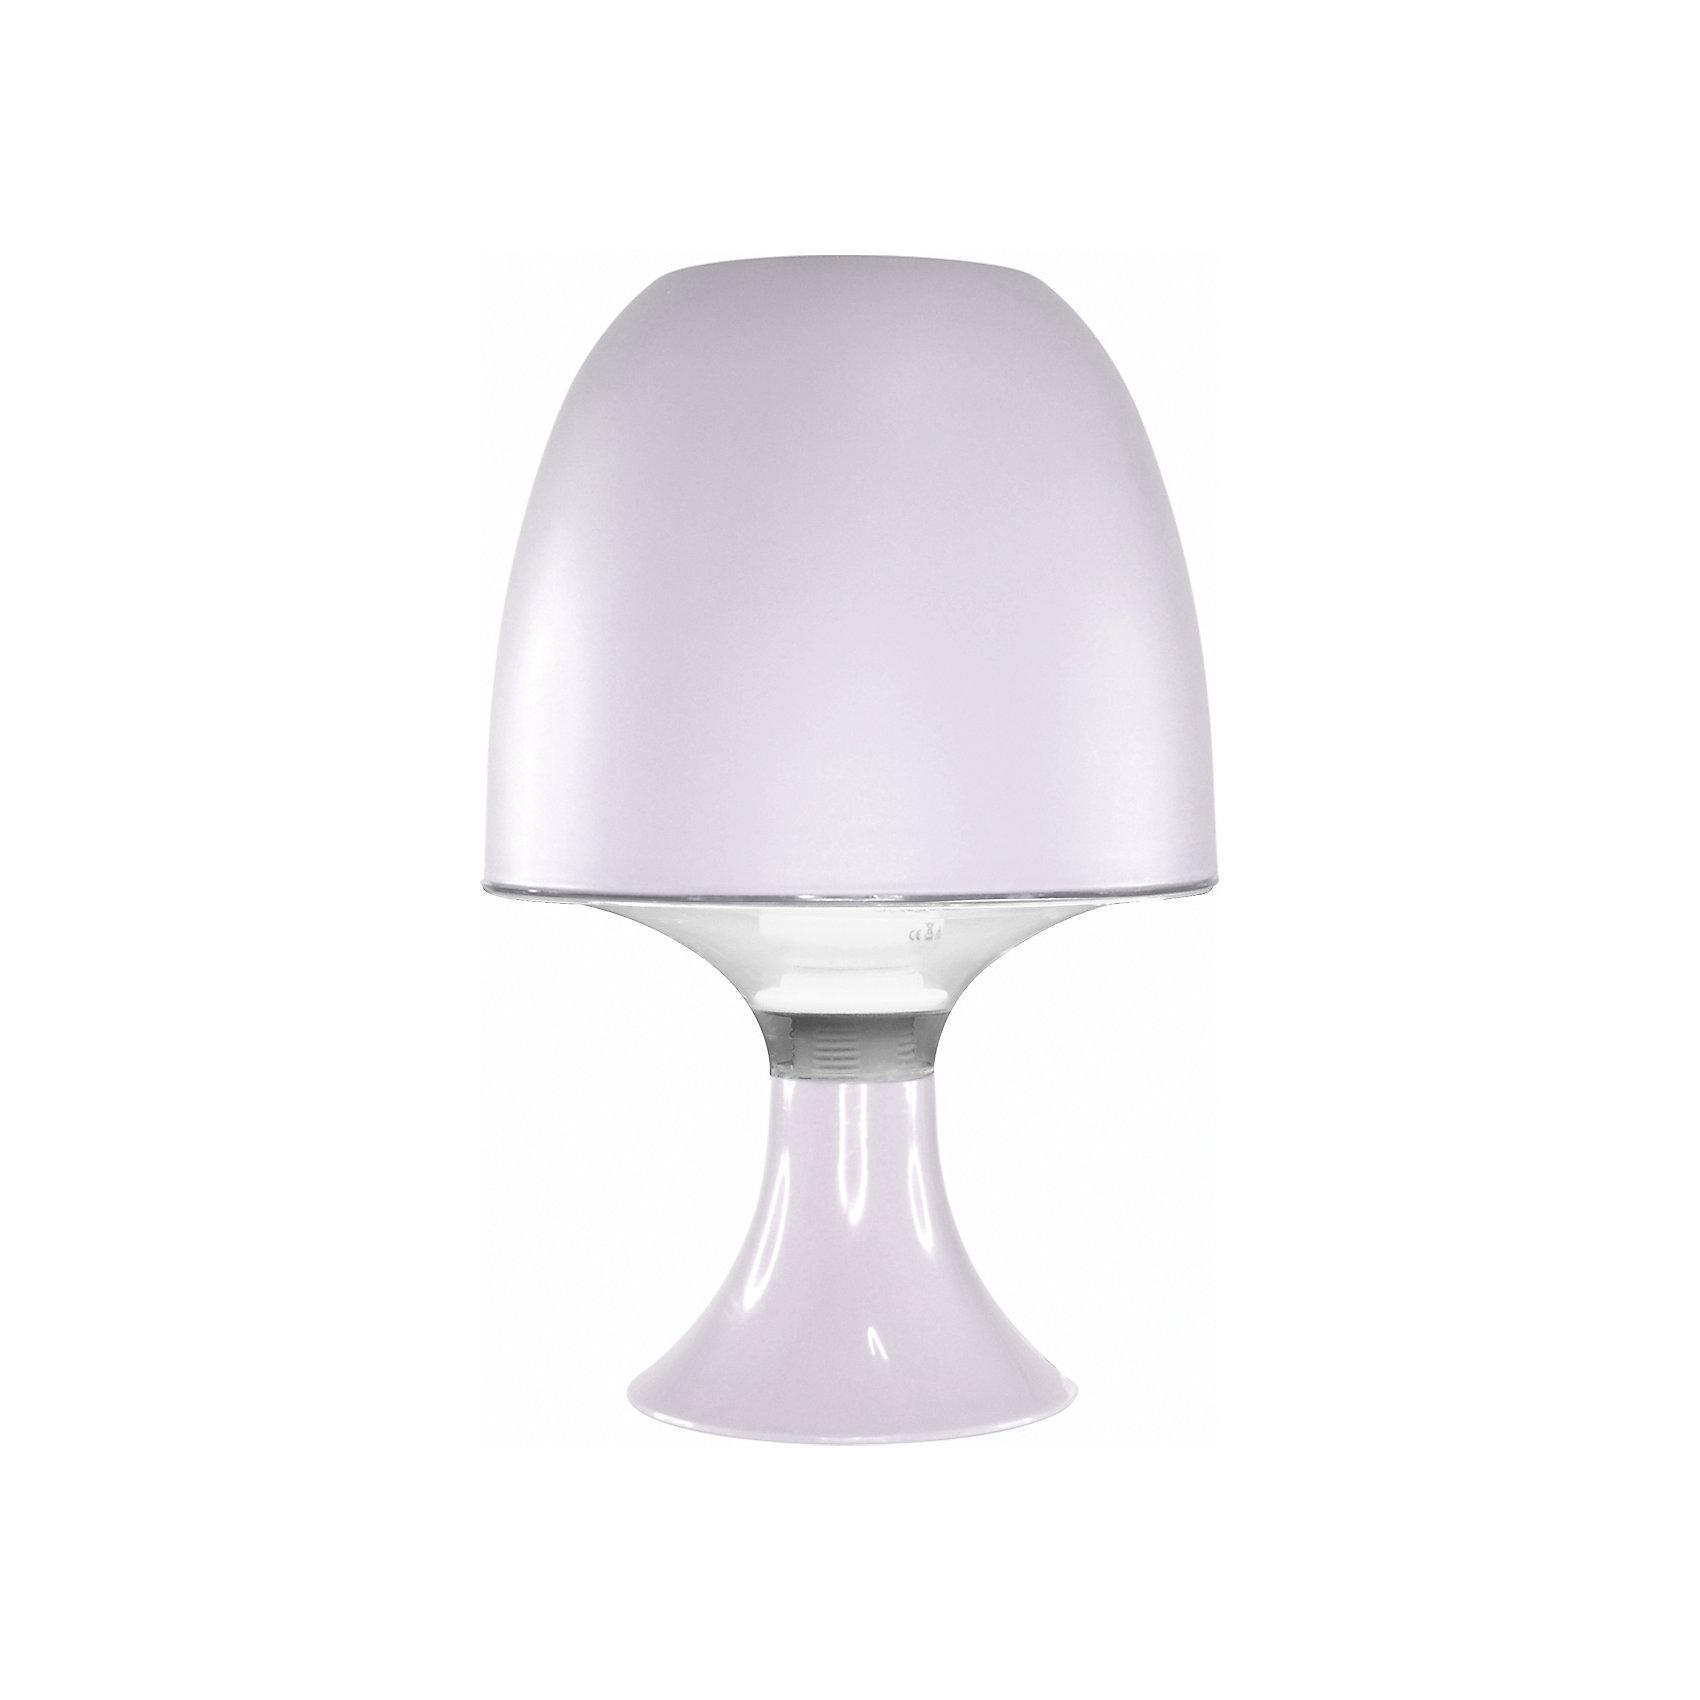 Ultra Light Настольный ночник КЛЛ 15Вт, Ultra Light, белый